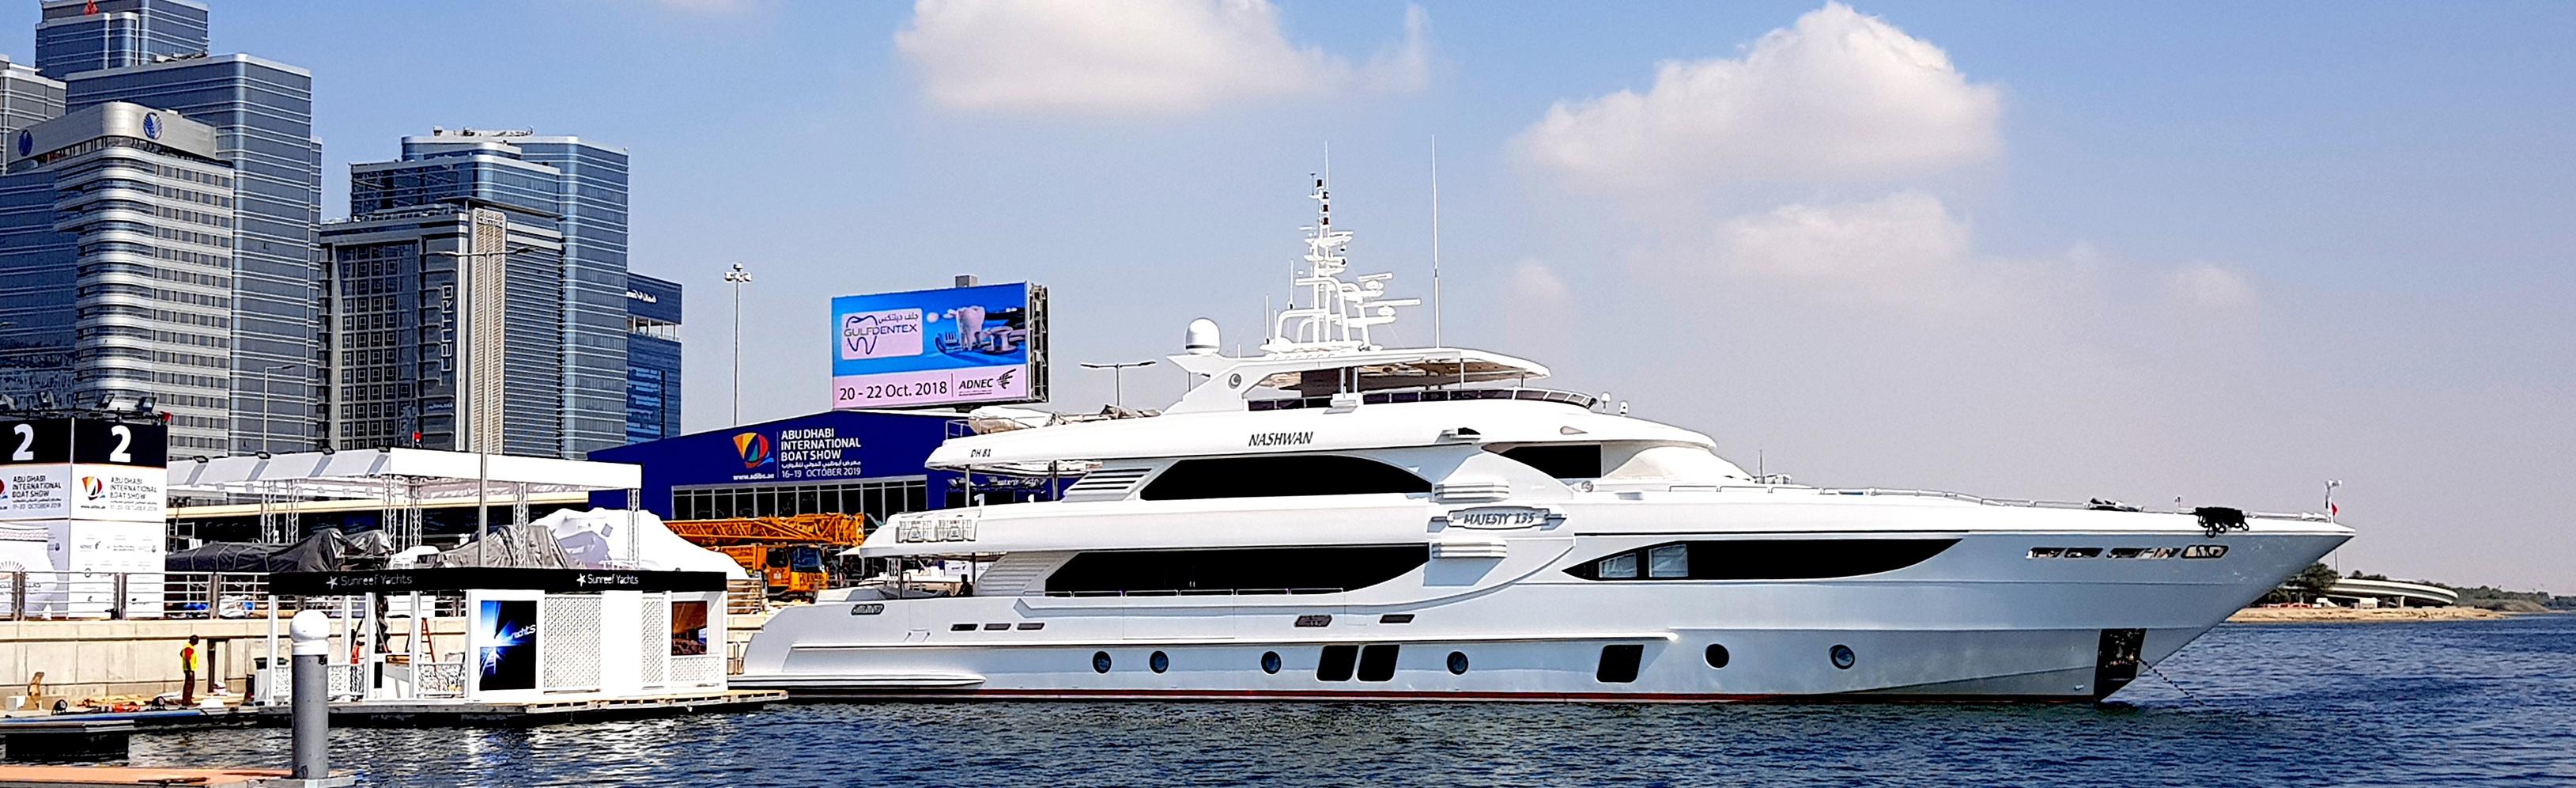 Majesty-135,-Abu-Dhabi-Boat-Show-2018